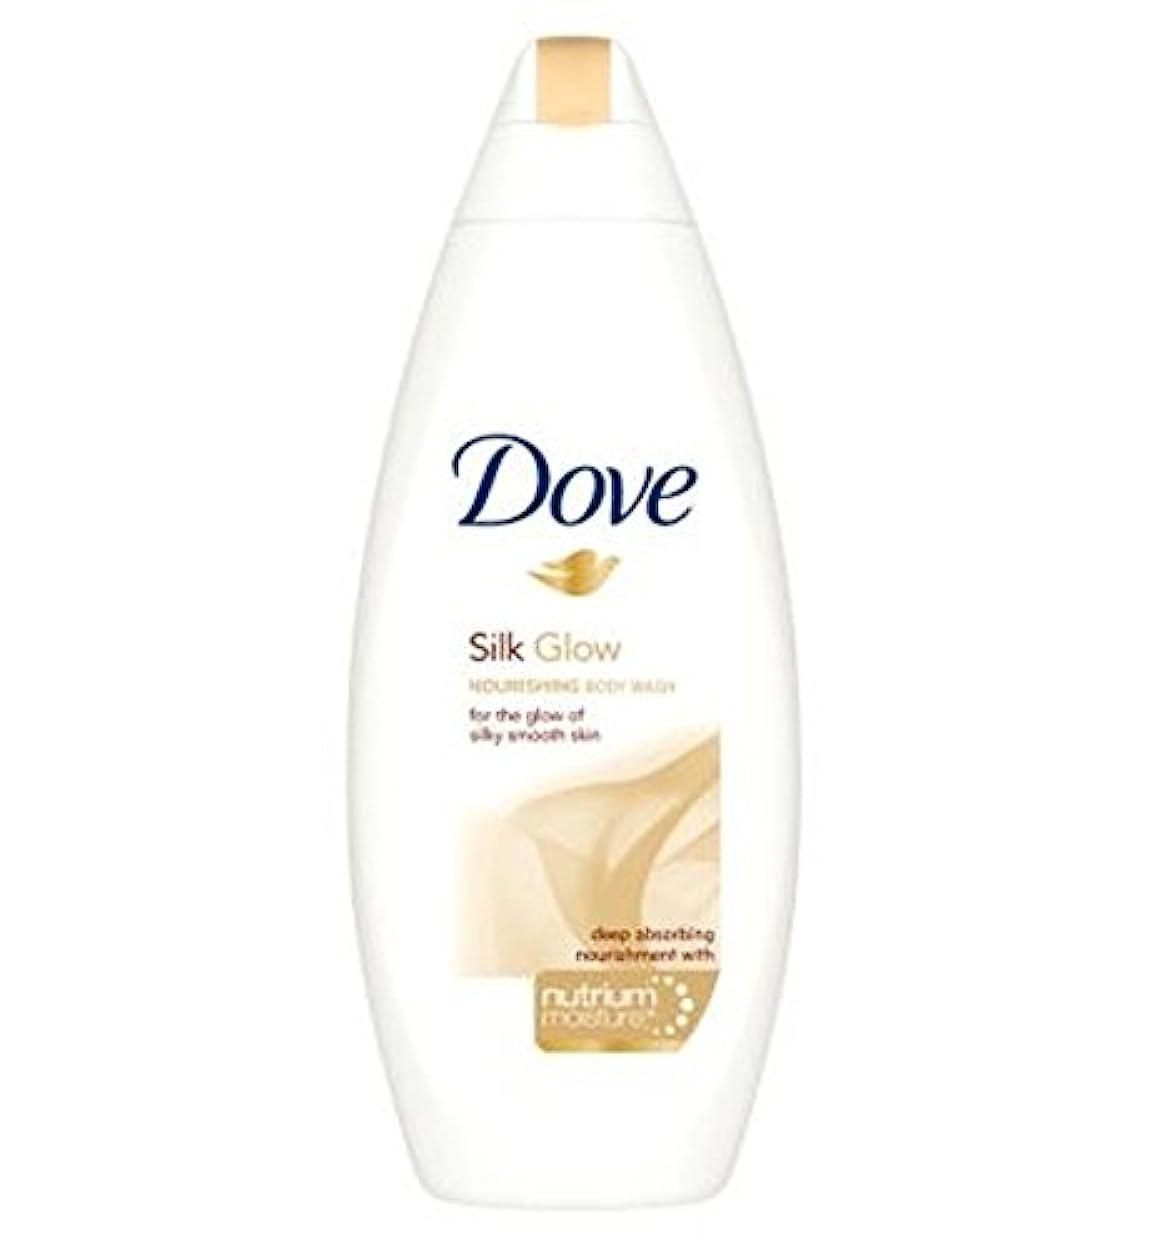 授業料きらめき位置するDove Silk body wash 500ml - 鳩シルクボディウォッシュ500ミリリットル (Dove) [並行輸入品]